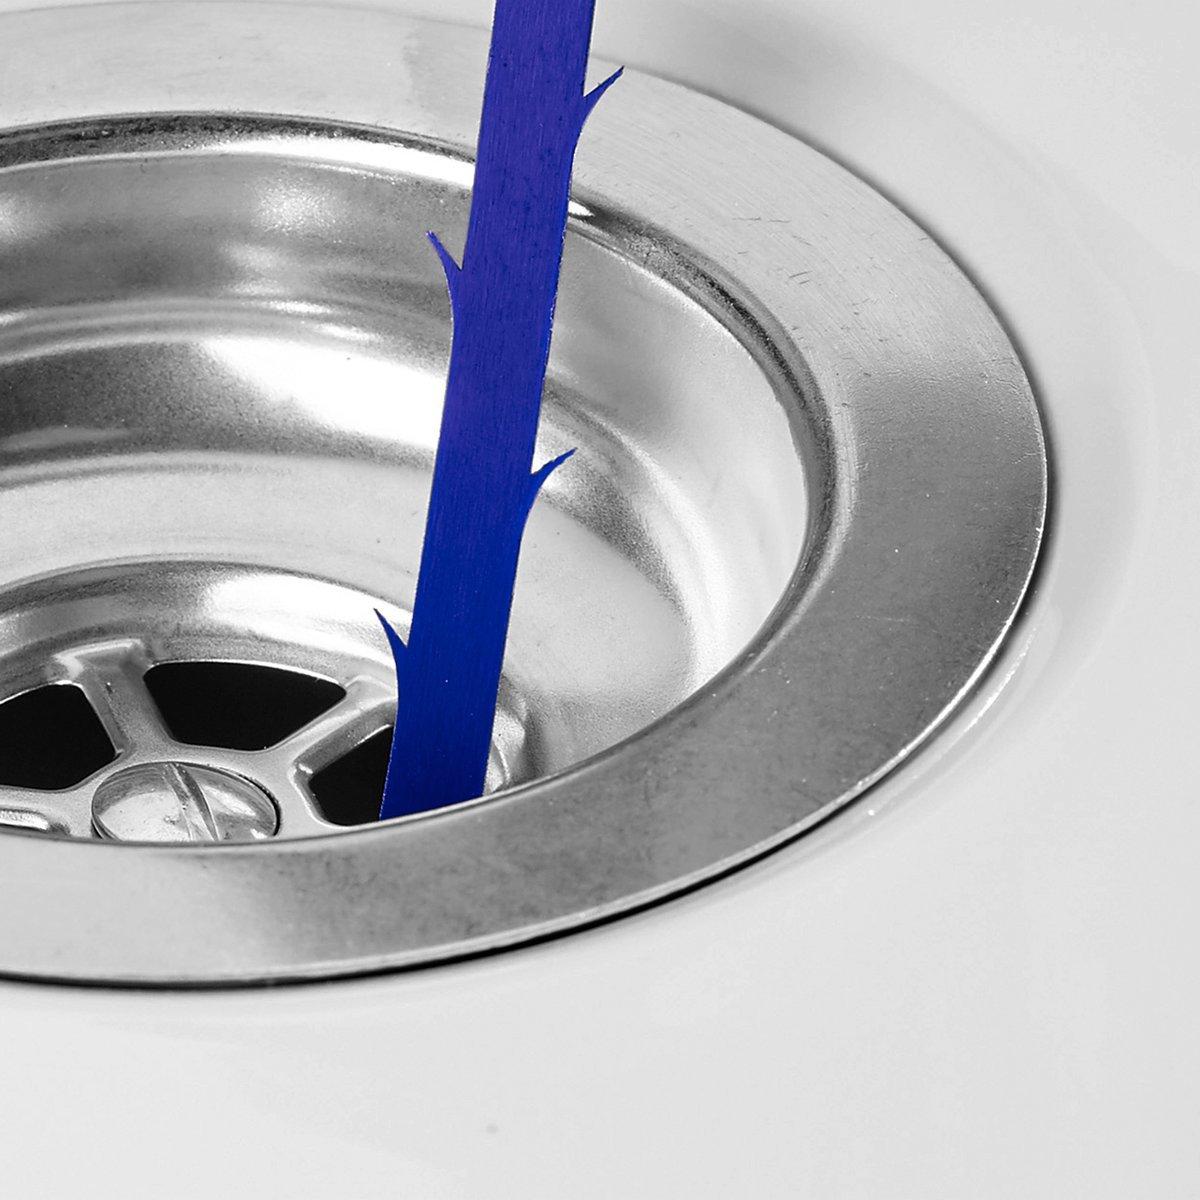 Berühmt Küchenabfluss Clog Fotos - Küche Set Ideen - deriherusweets.info